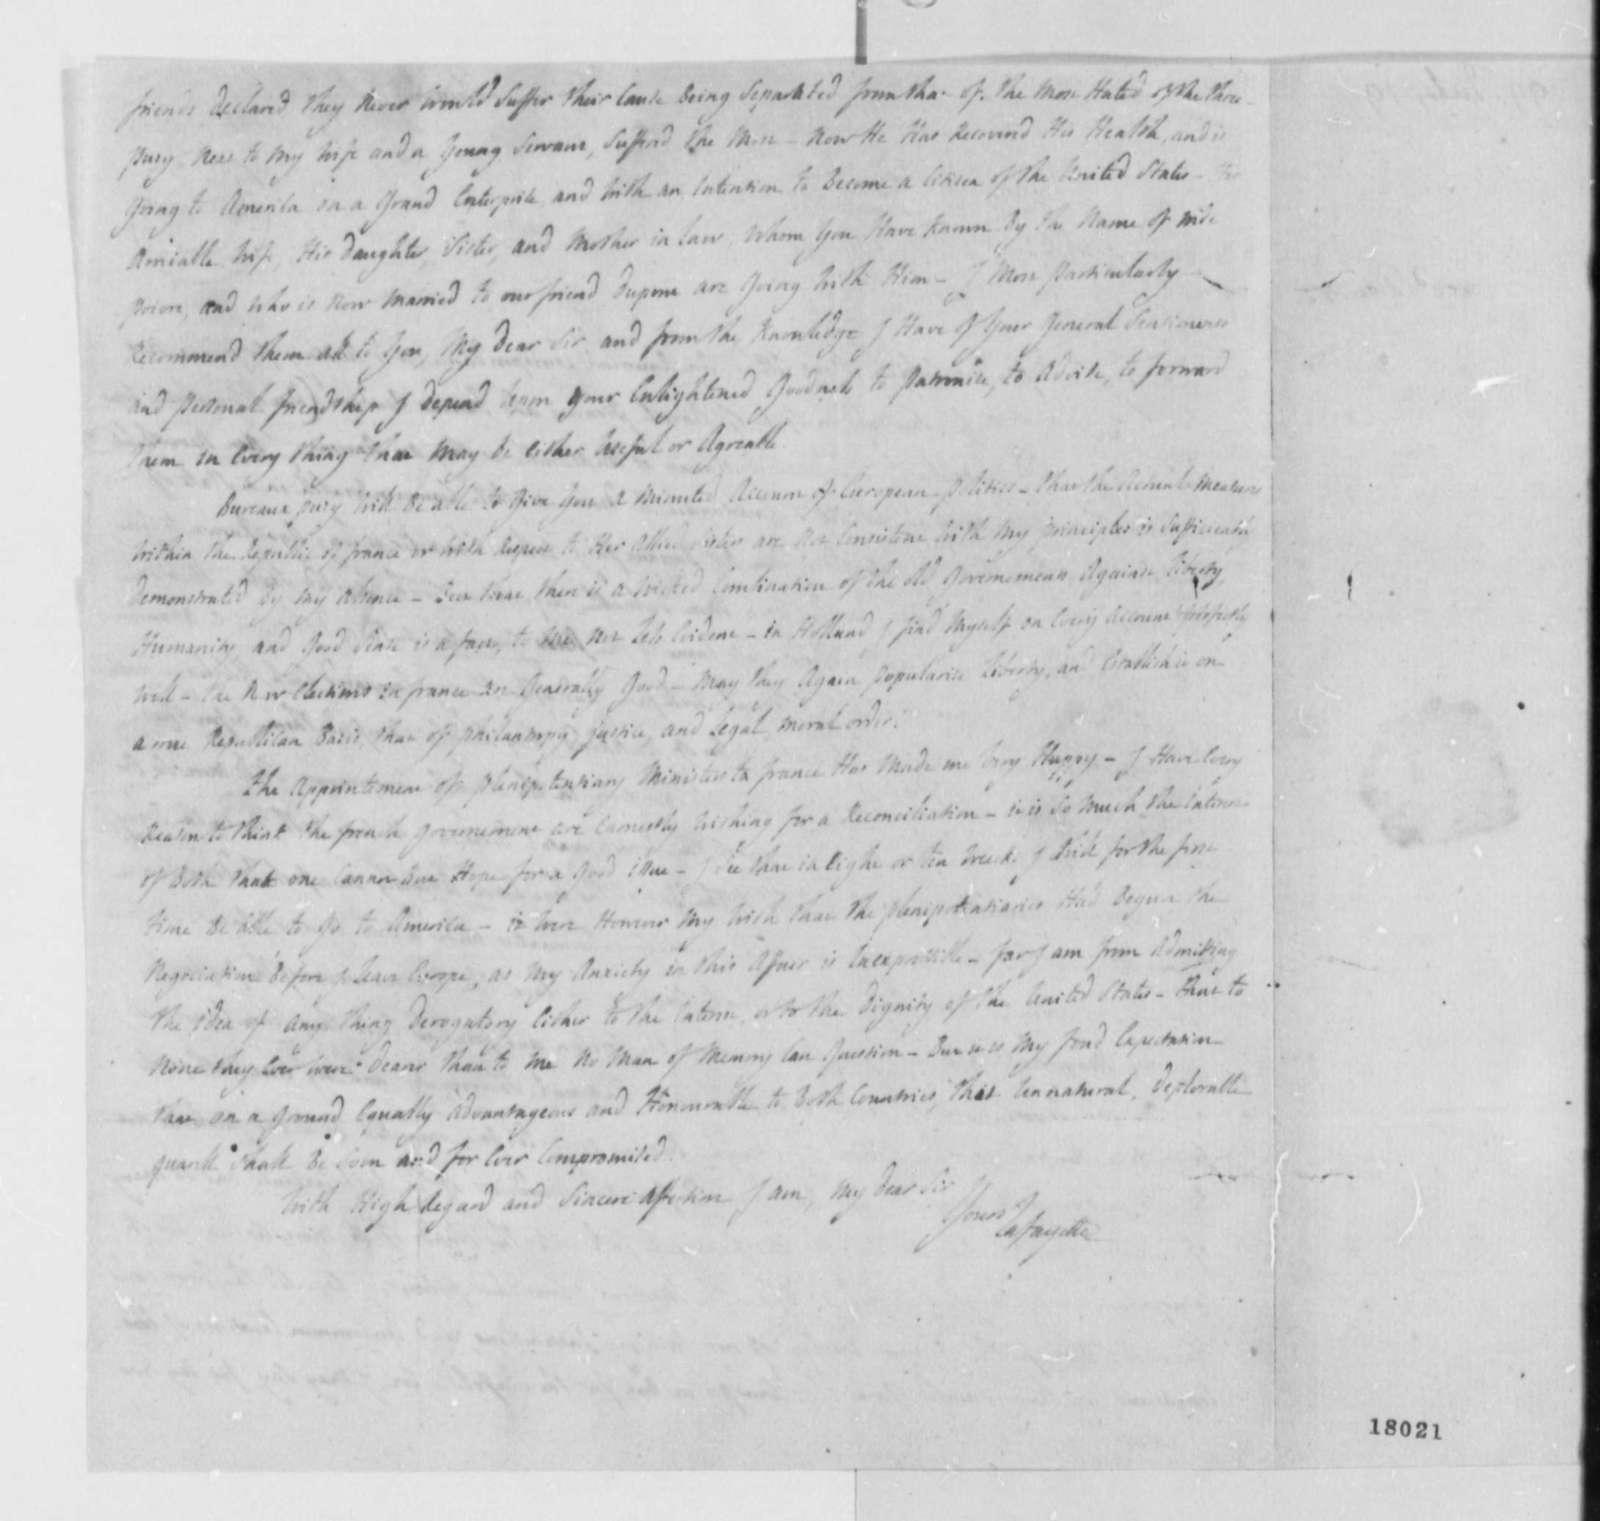 Marie Joseph Paul Yves Roch Gibert du Motier, Marquis de Lafayette to Thomas Jefferson, April 19, 1799